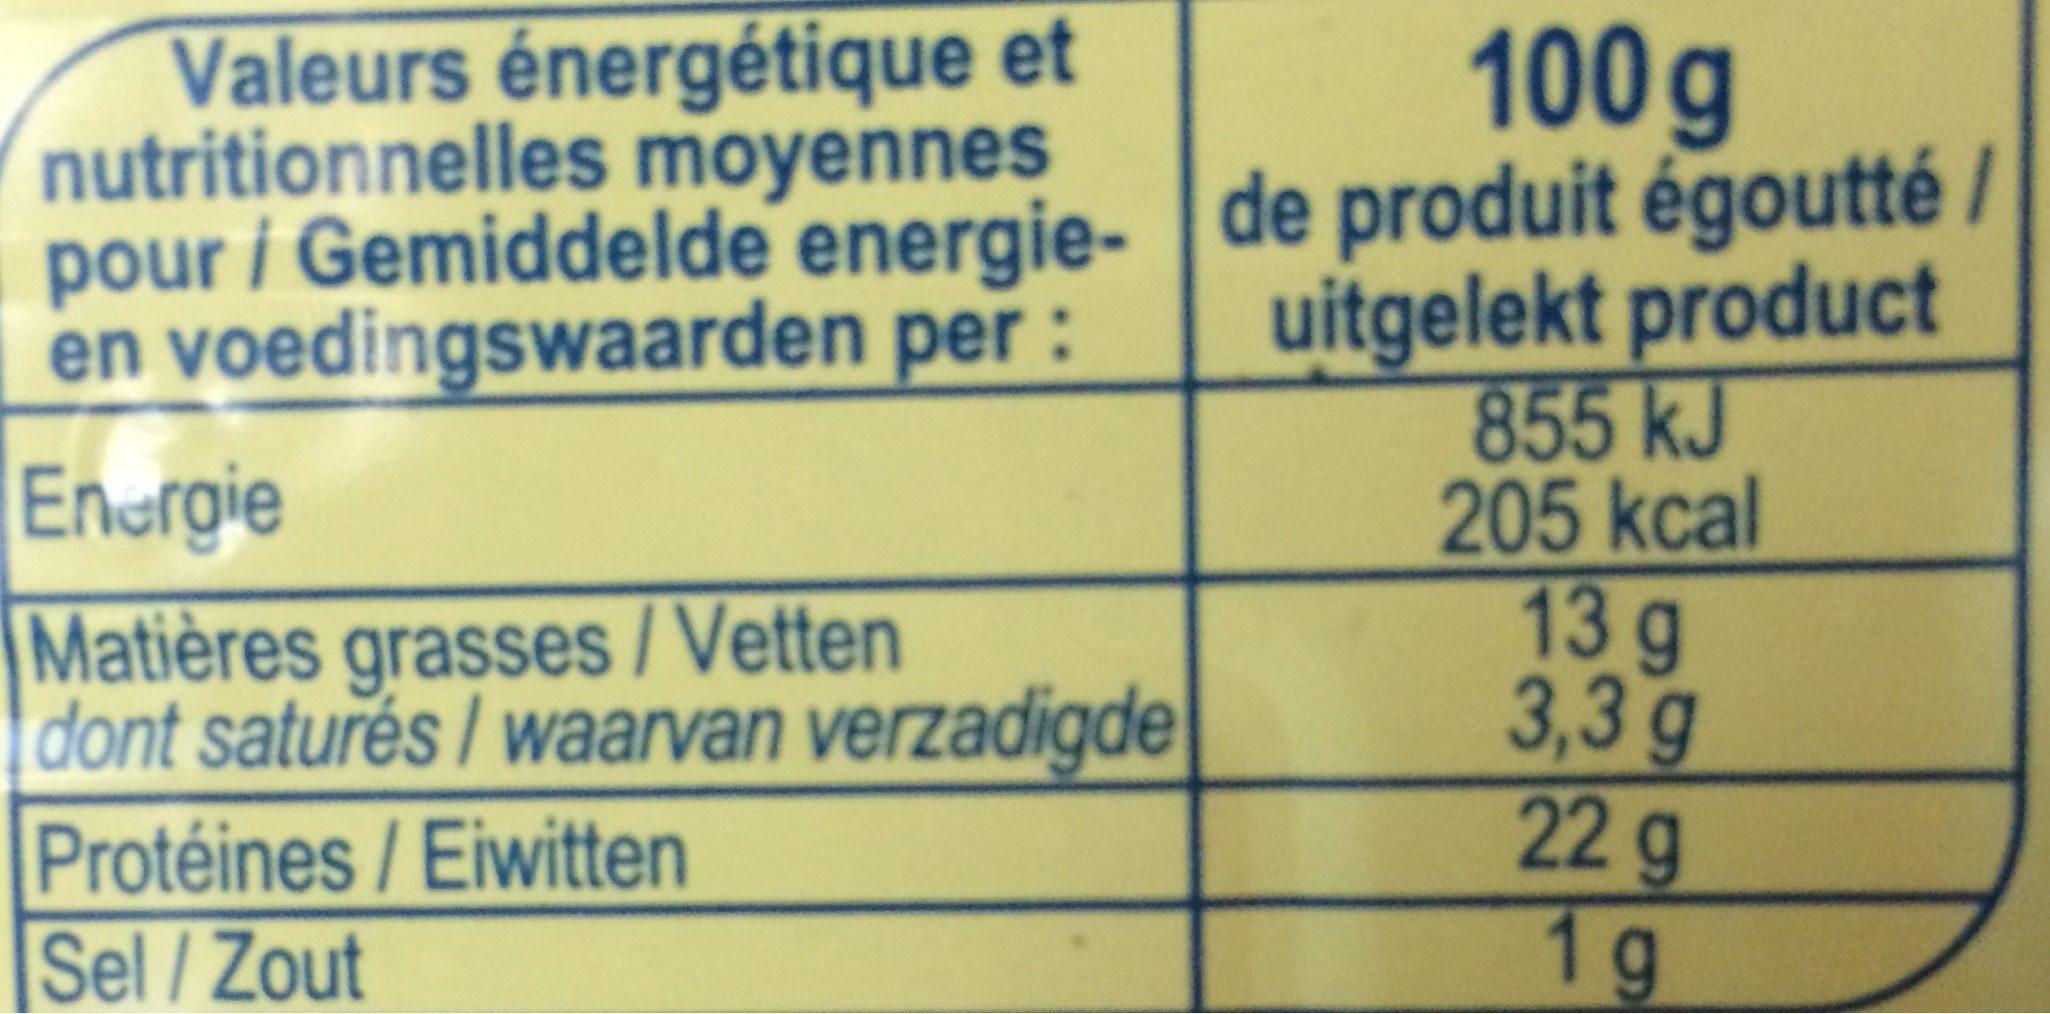 Filets de Sardines à l'huile d'olive vierge extra - Voedingswaarden - fr